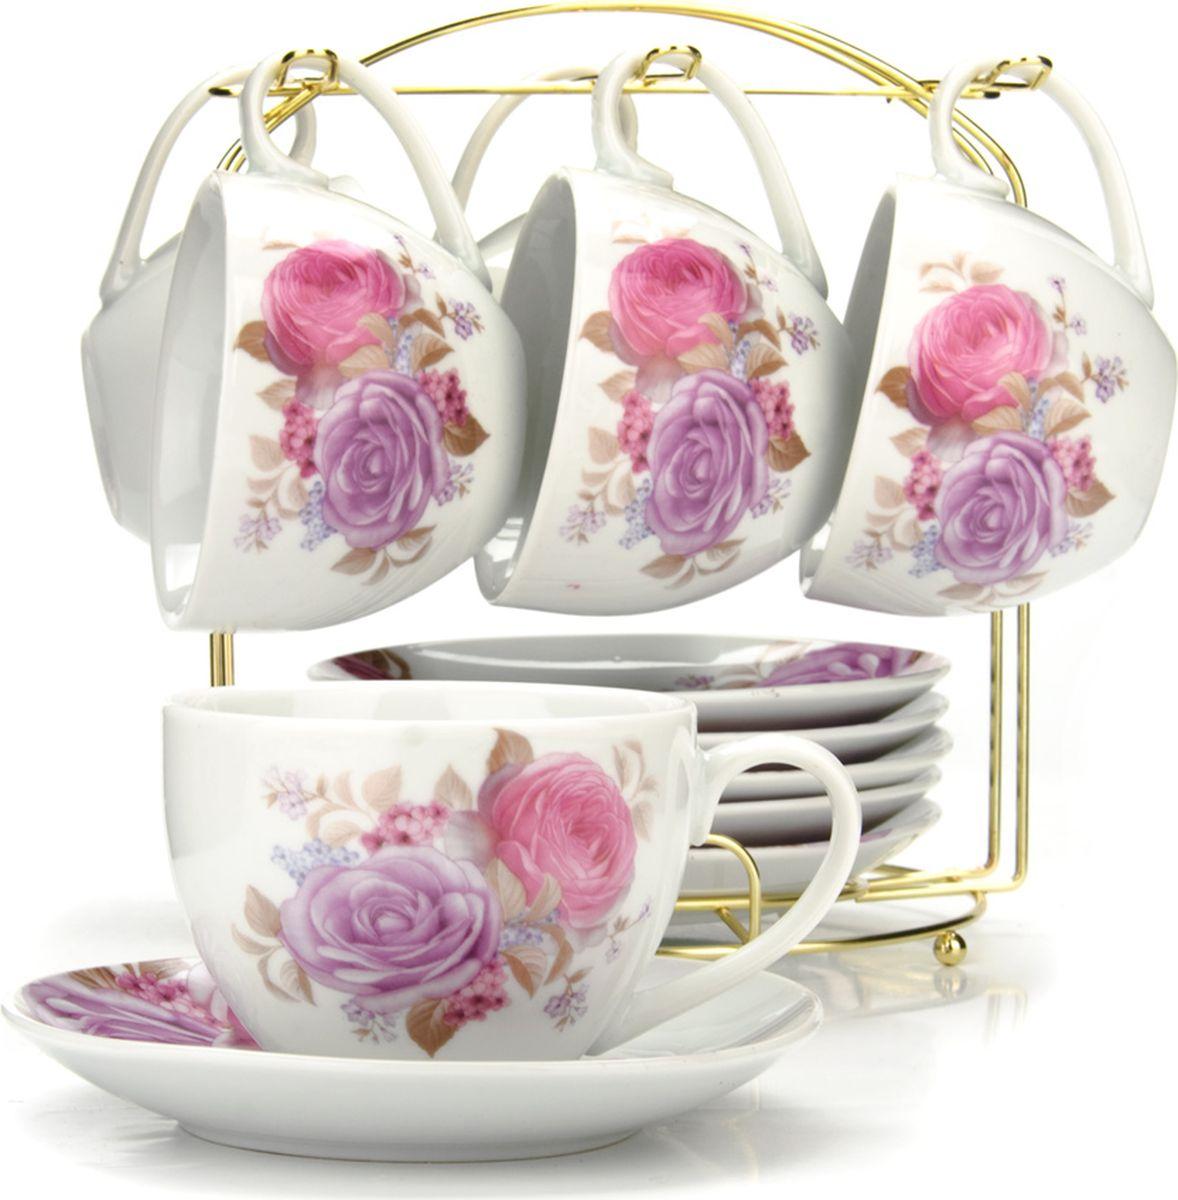 Сервиз чайный Loraine, на подставке, 13 предметов. 4328925953